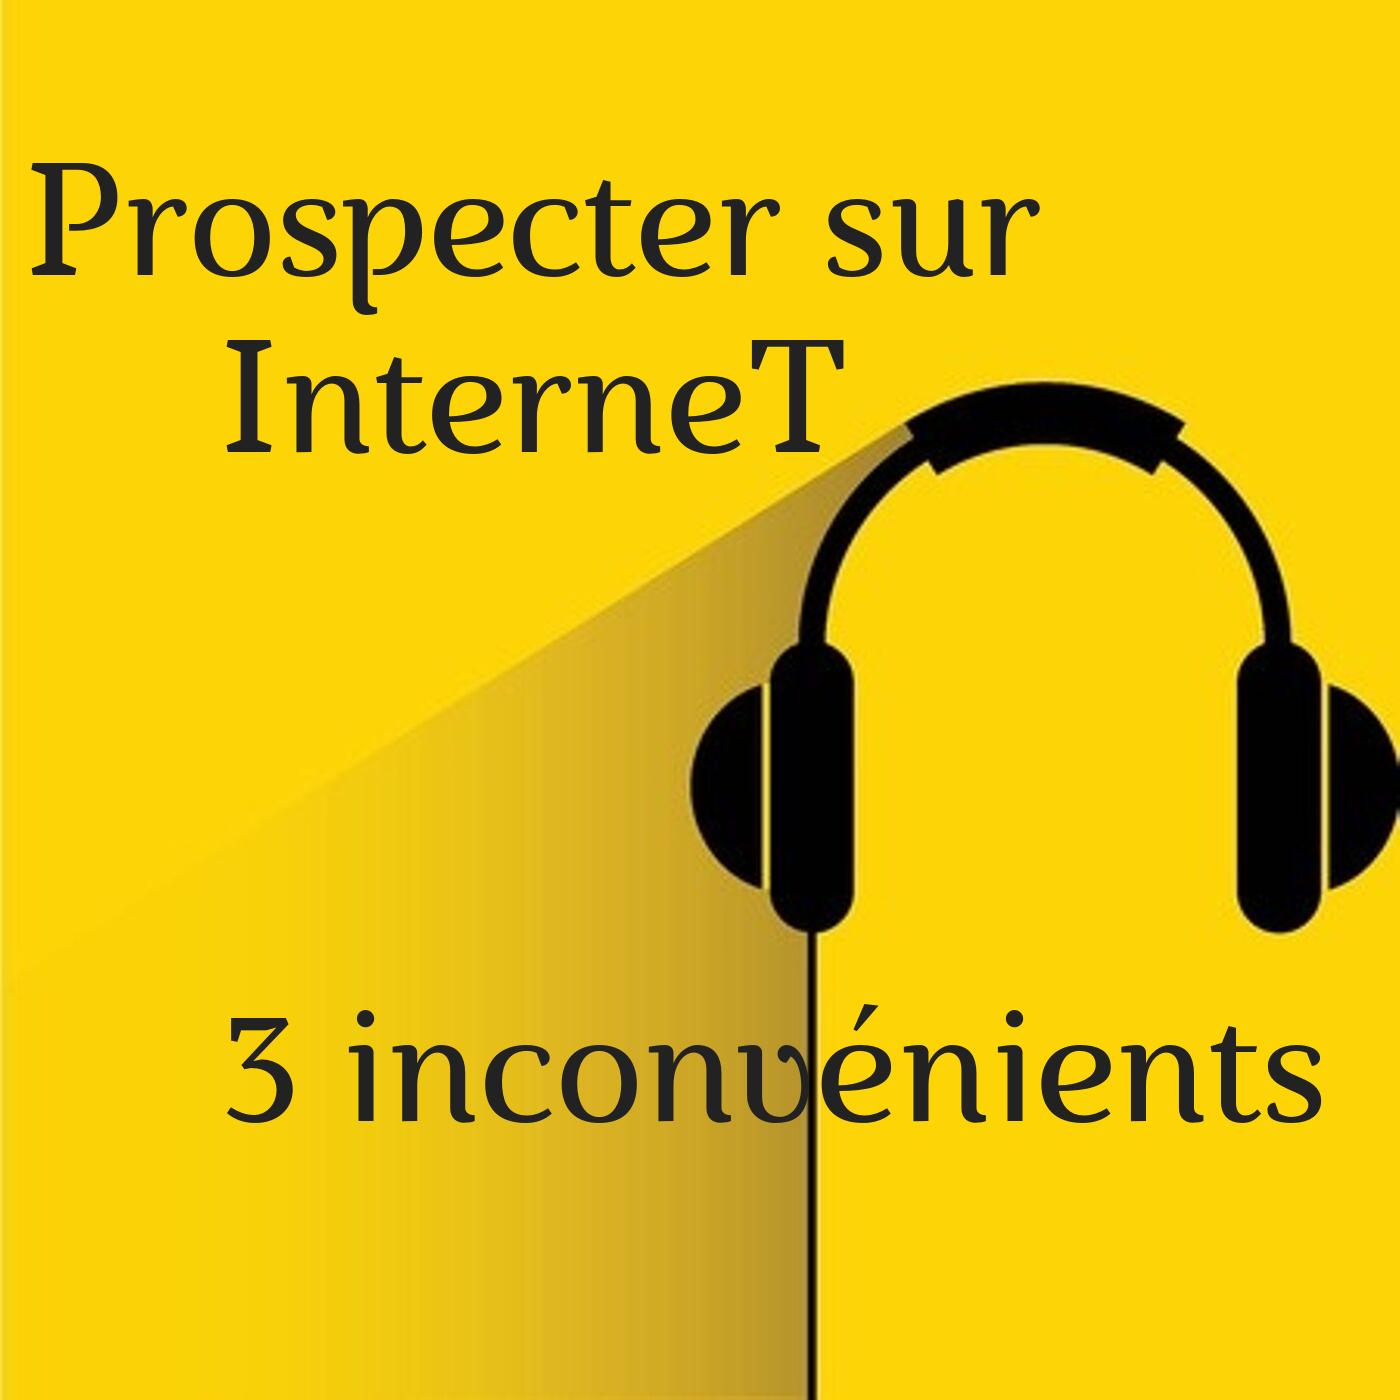 Prospecter sur INTERNET : 3 inconvénients en MLM.